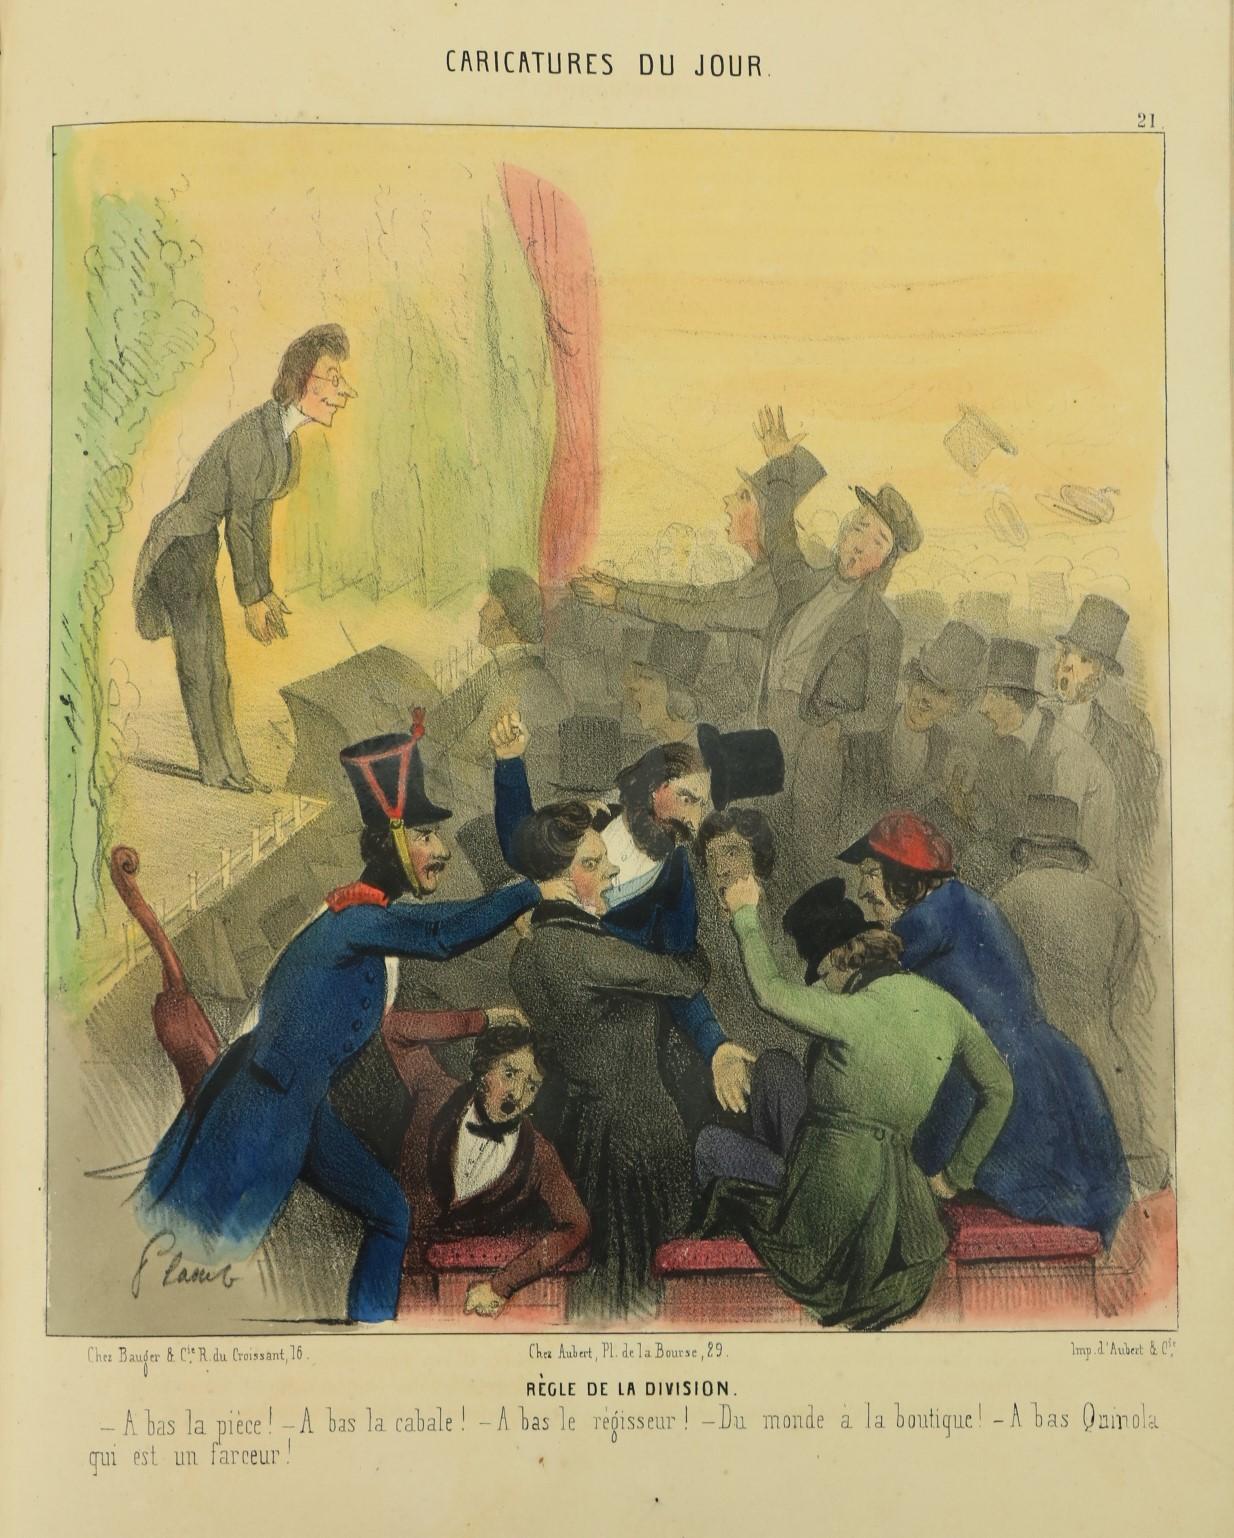 With Attractive Coloured Platesÿ Periodical:ÿÿParis Comique, Revue Amusante, lg. 4to Paris n.d.